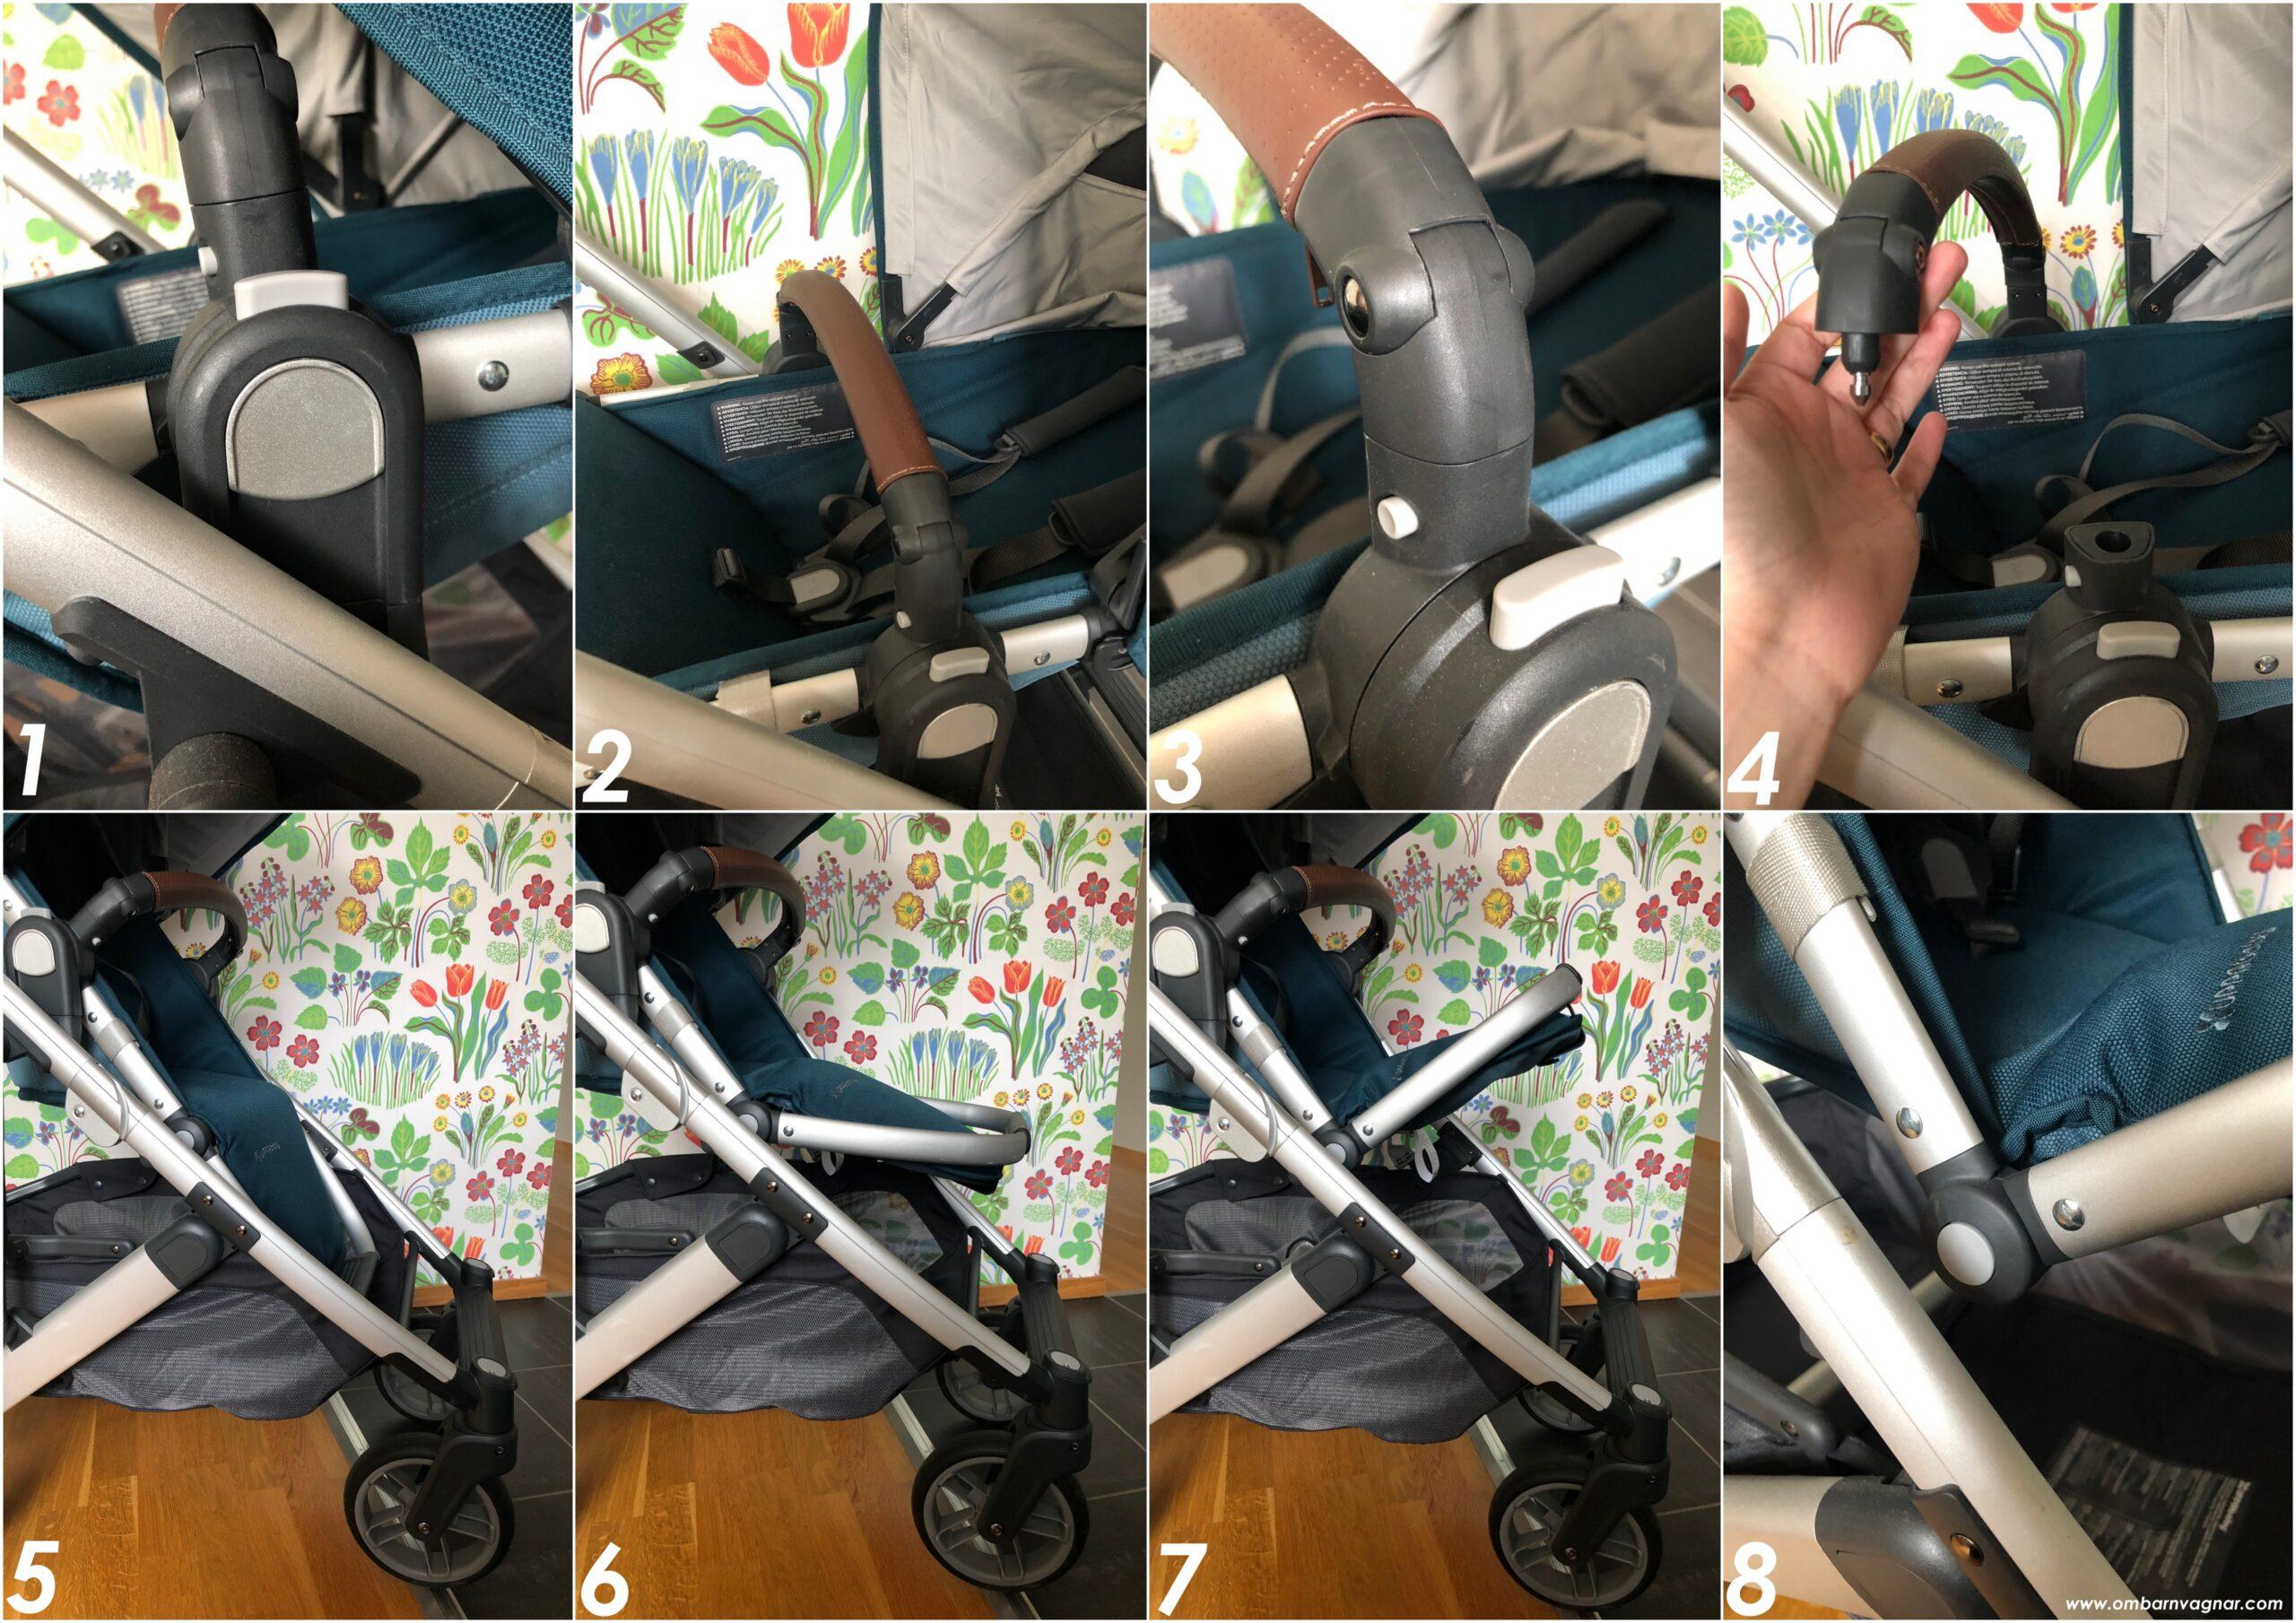 UPPAbaby Cruz V2 är utrustad med ställbart fotstöd och svängbar bygel